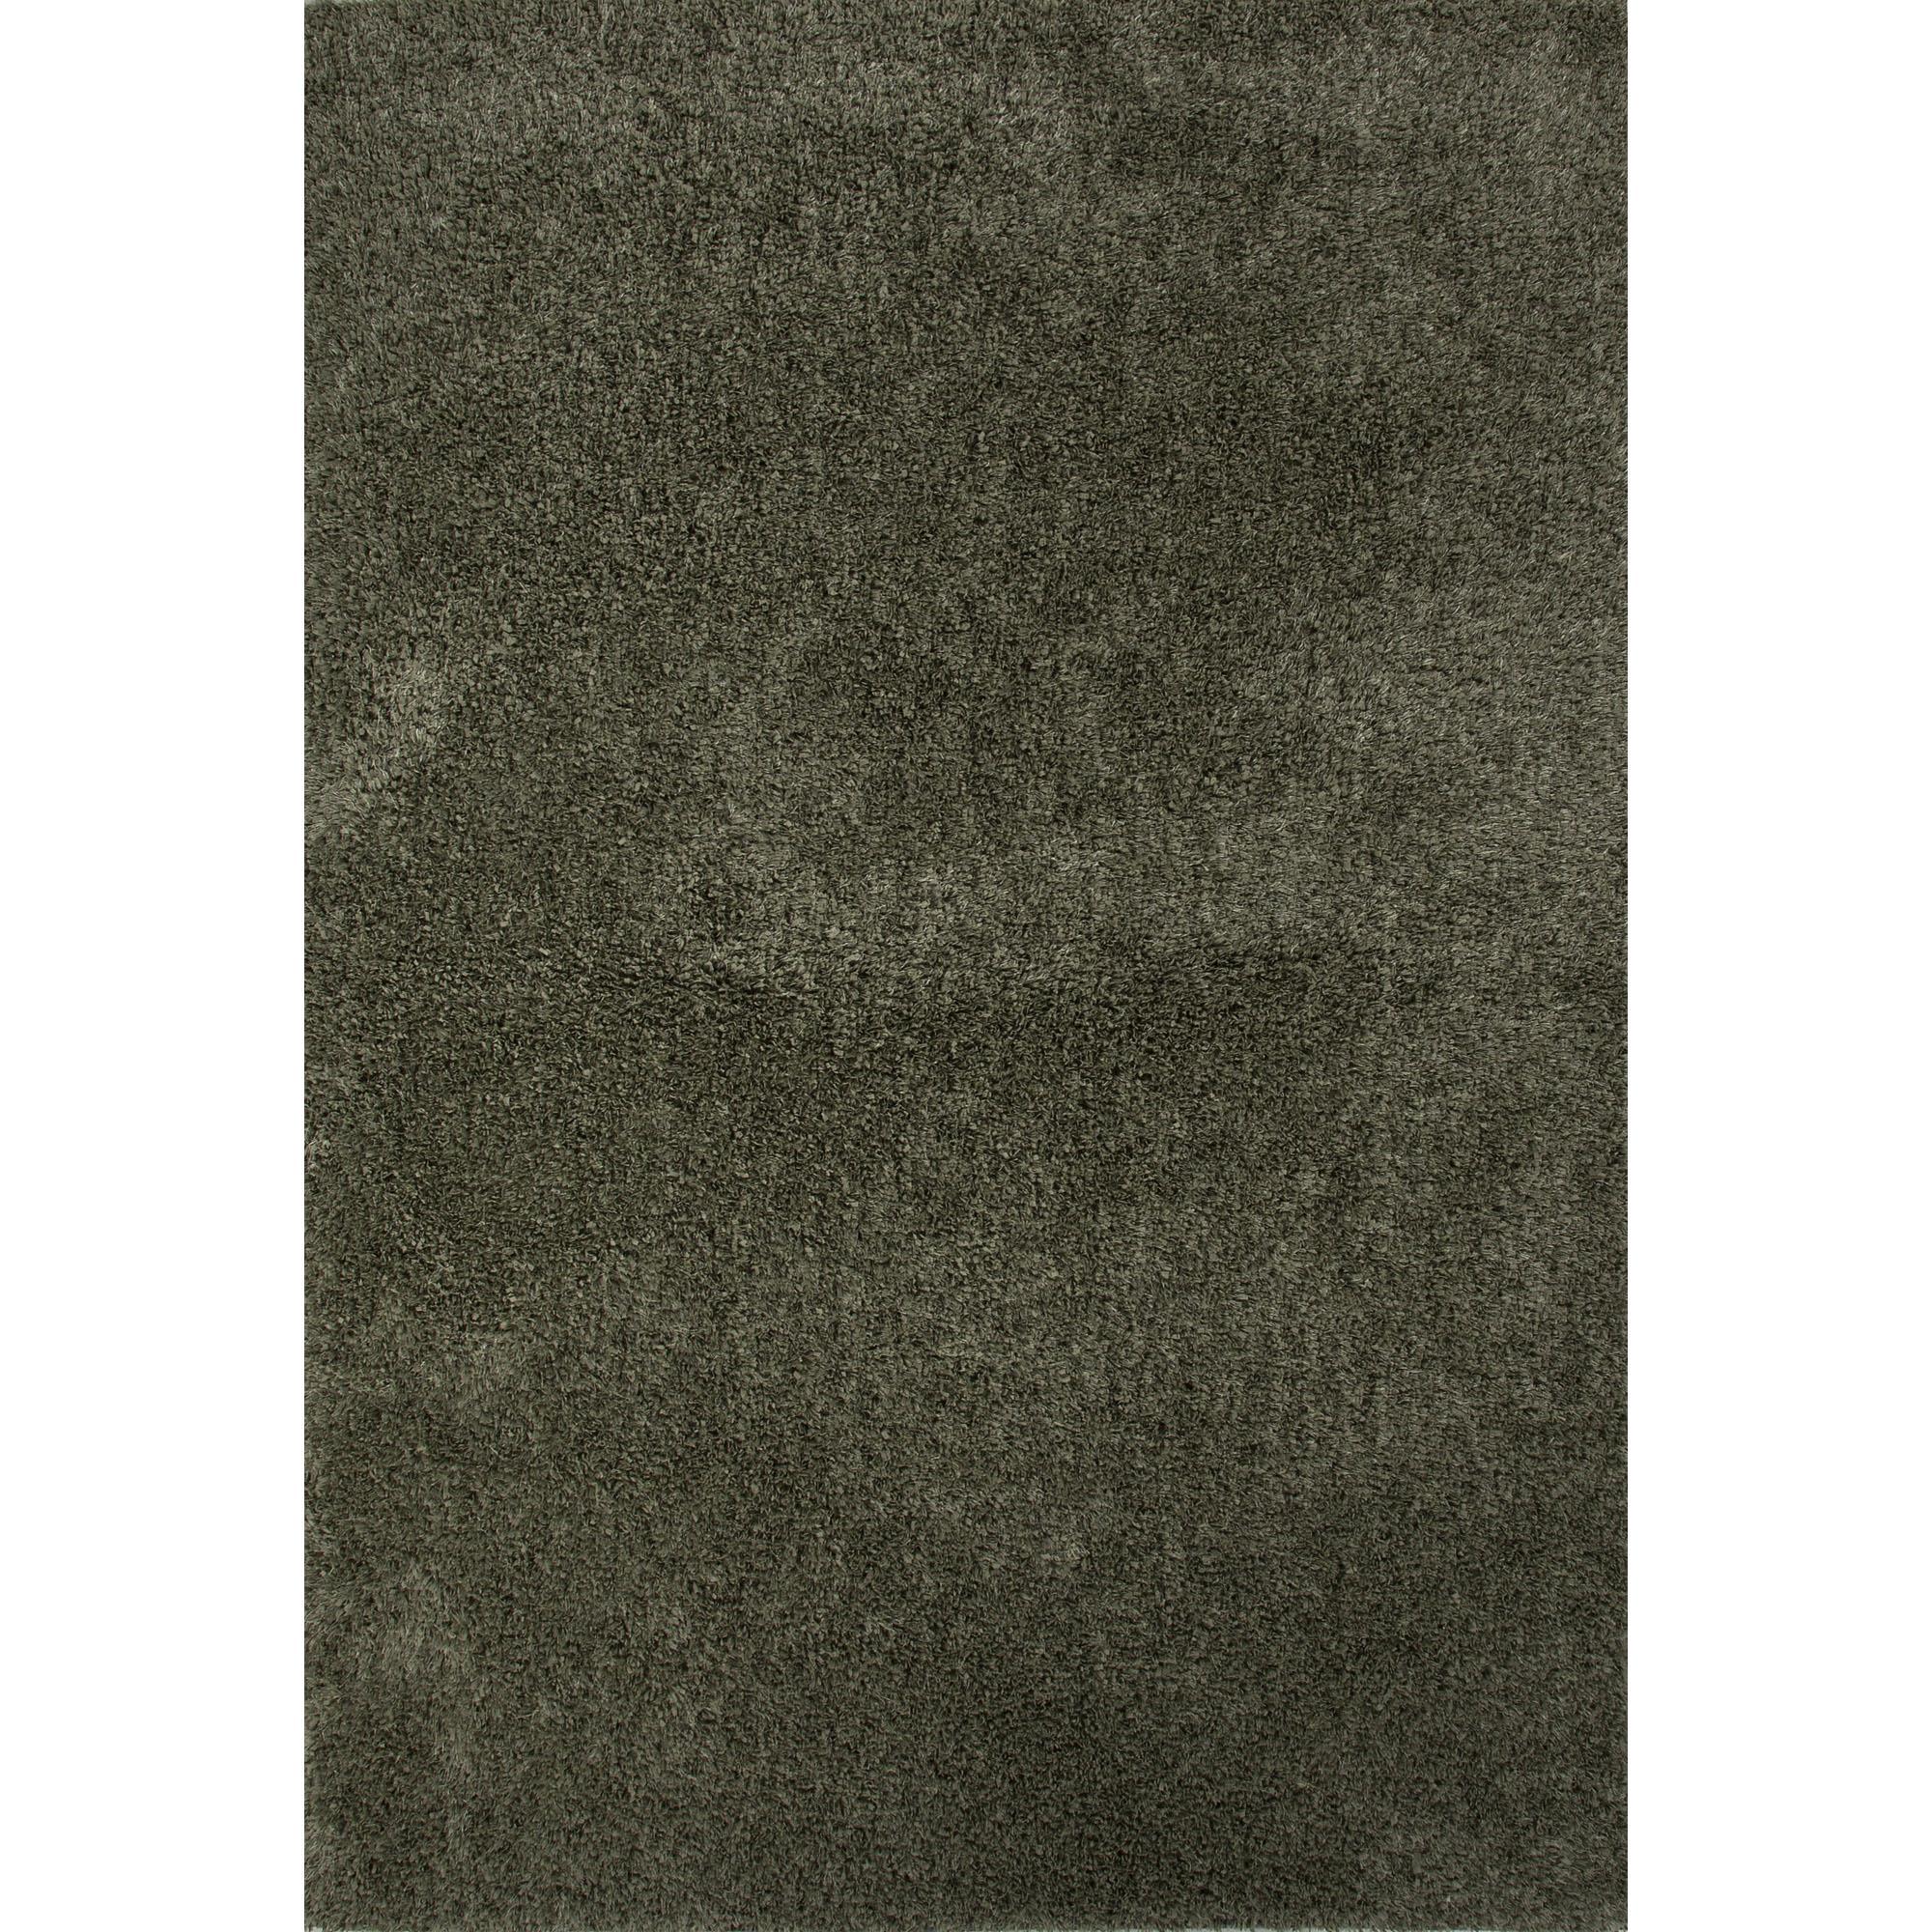 JAIPUR Rugs Cordon 7.6 x 9.6 Rug - Item Number: RUG124587